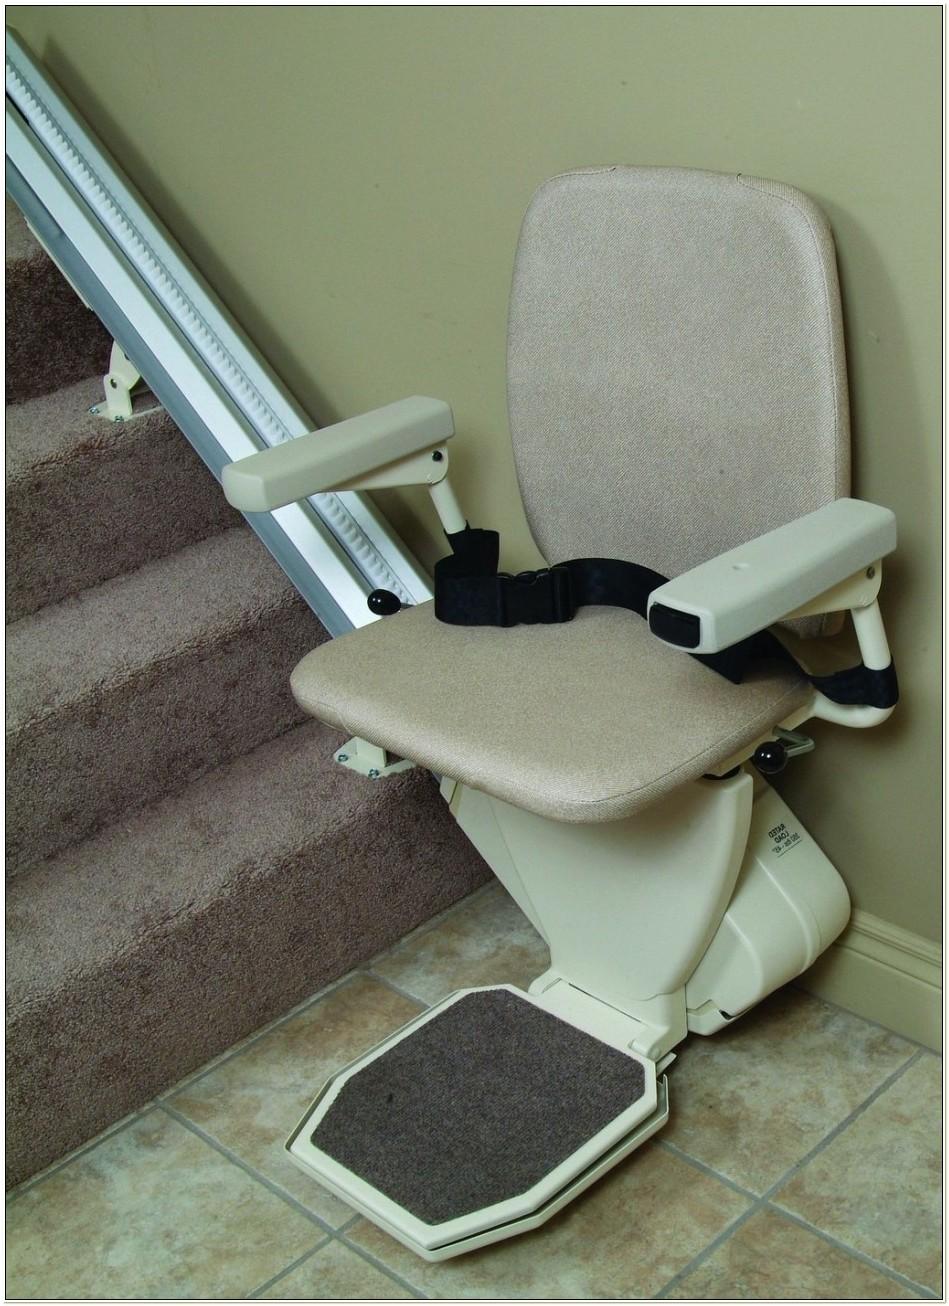 Silver Glide Stair Chair Lift